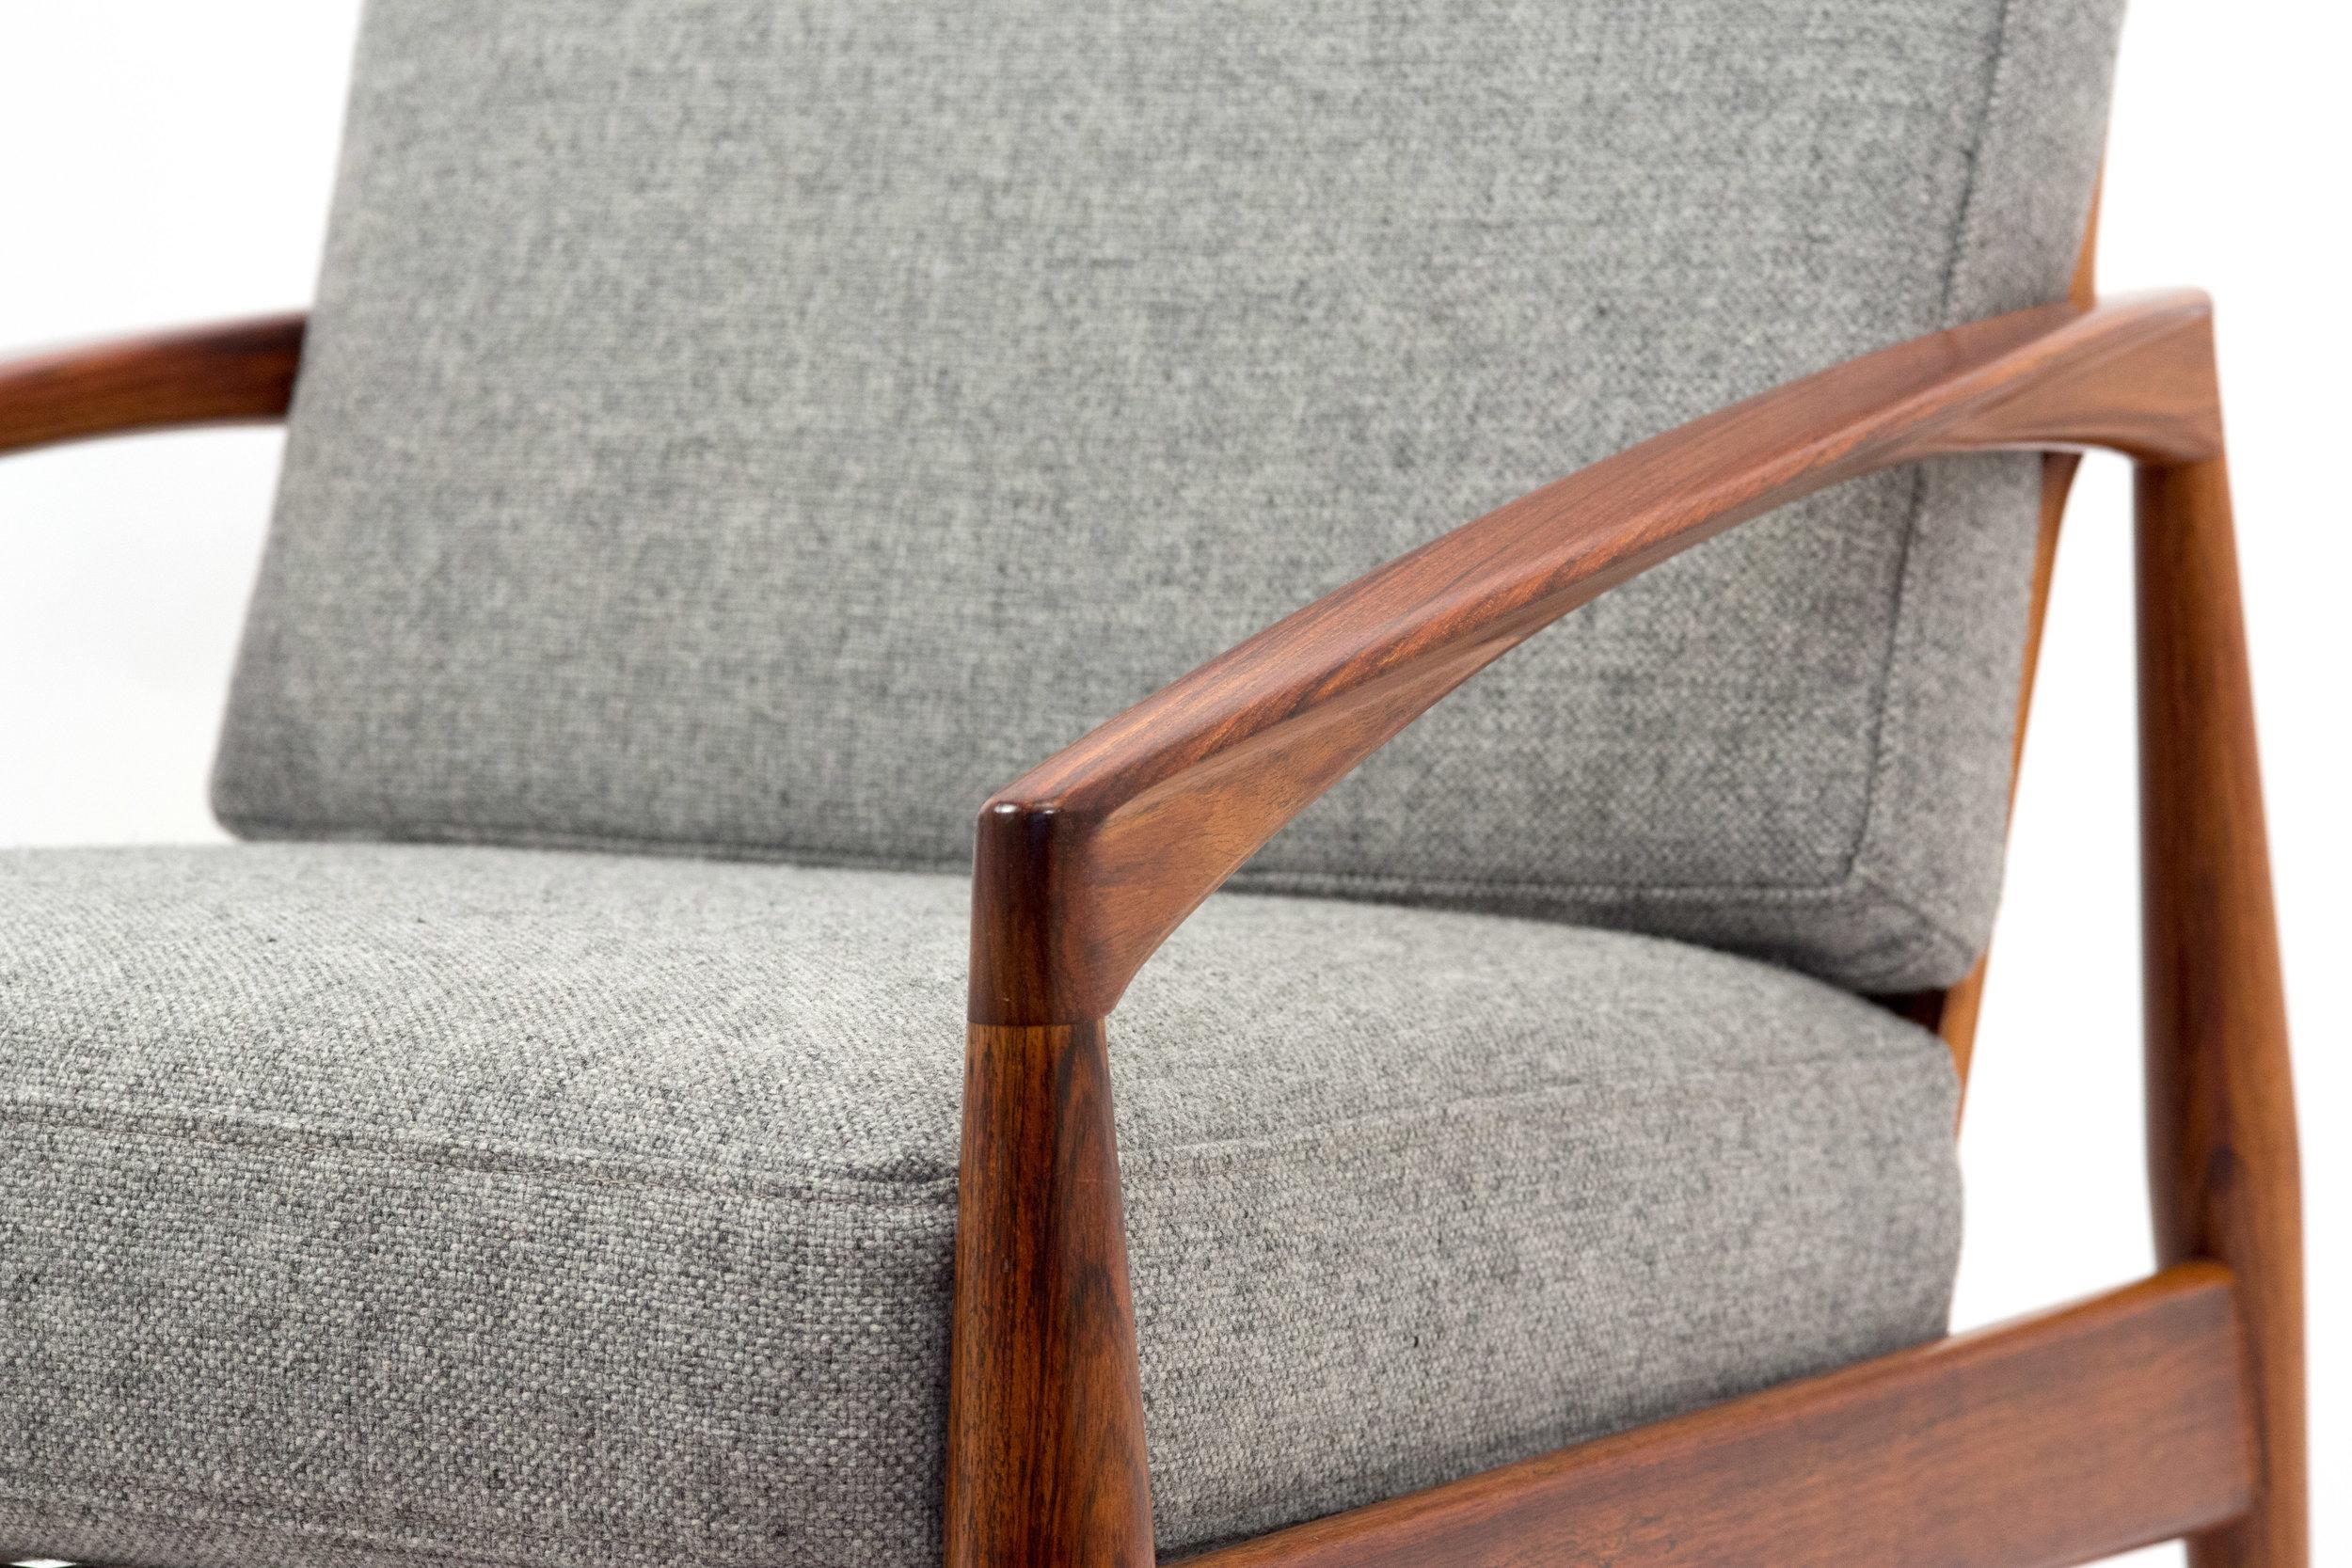 Kai chair 3 copy.jpg